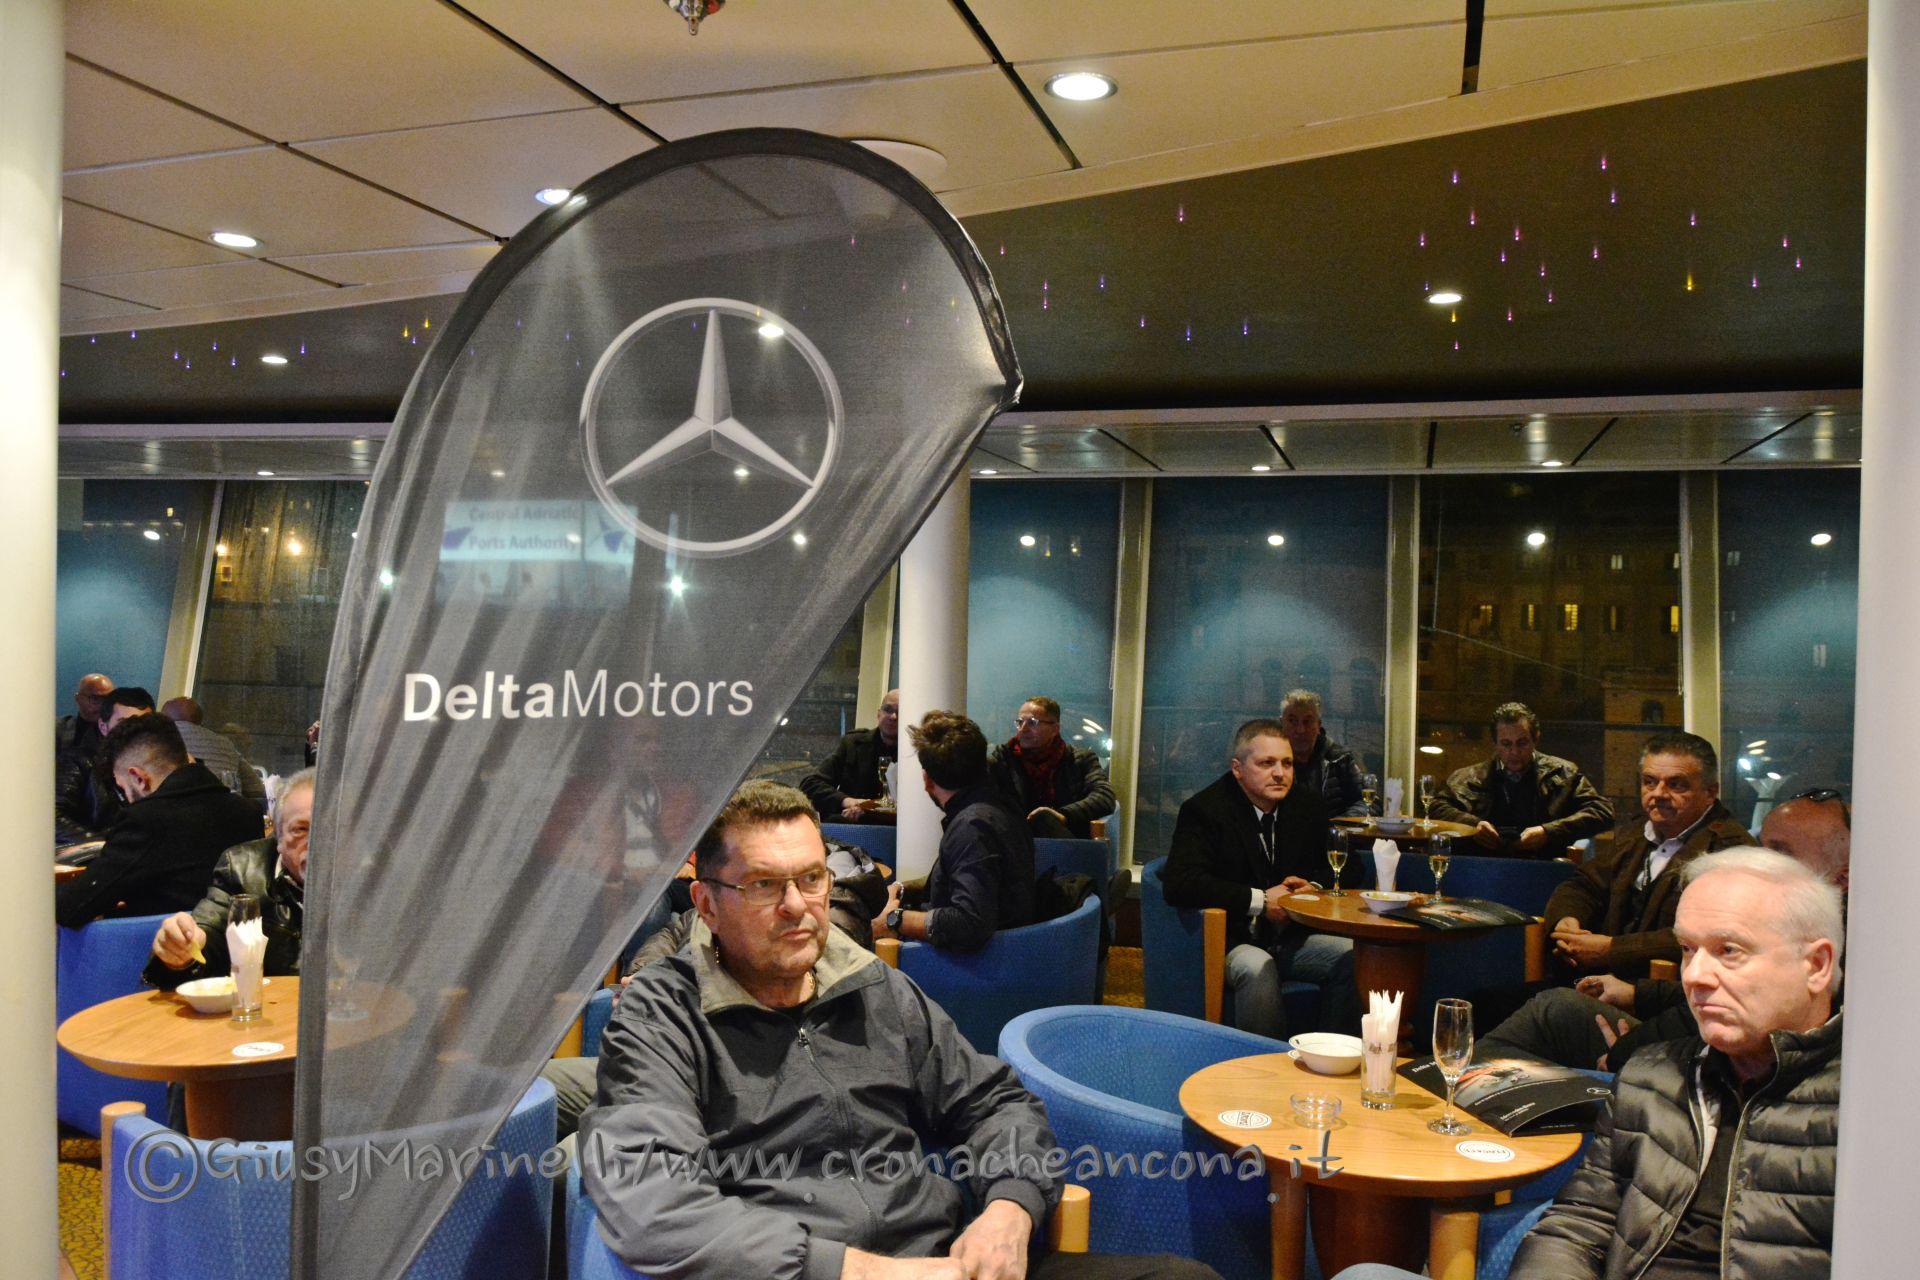 Trasformare Il Cliente In Fan La Nuova Missione Di Delta